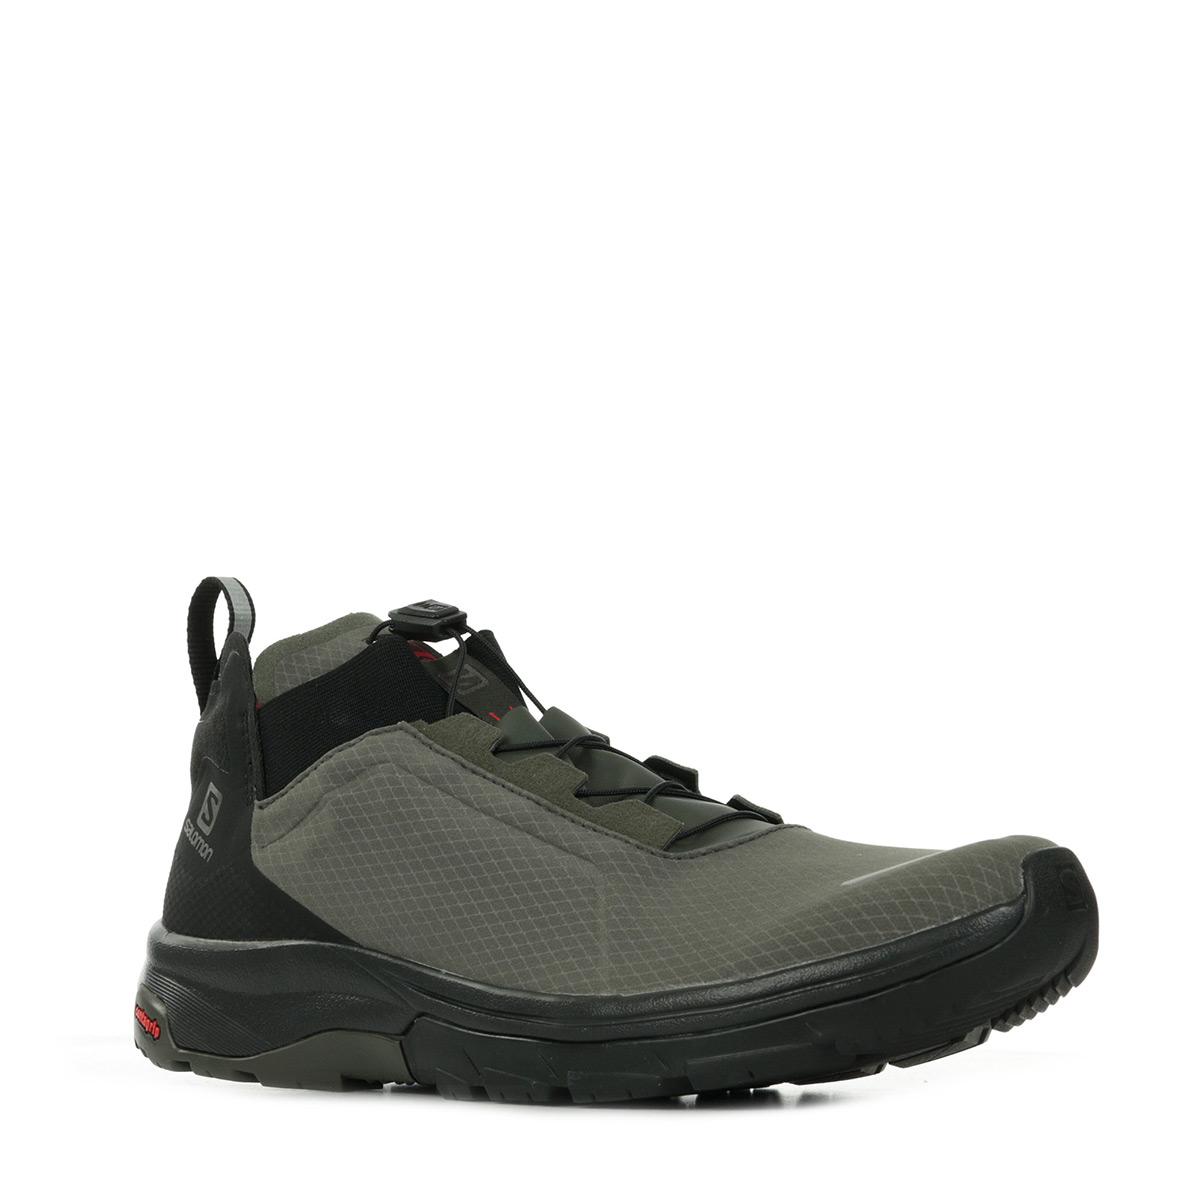 SALOMON T-Muter WR 407998 Chaussures randonn/ée